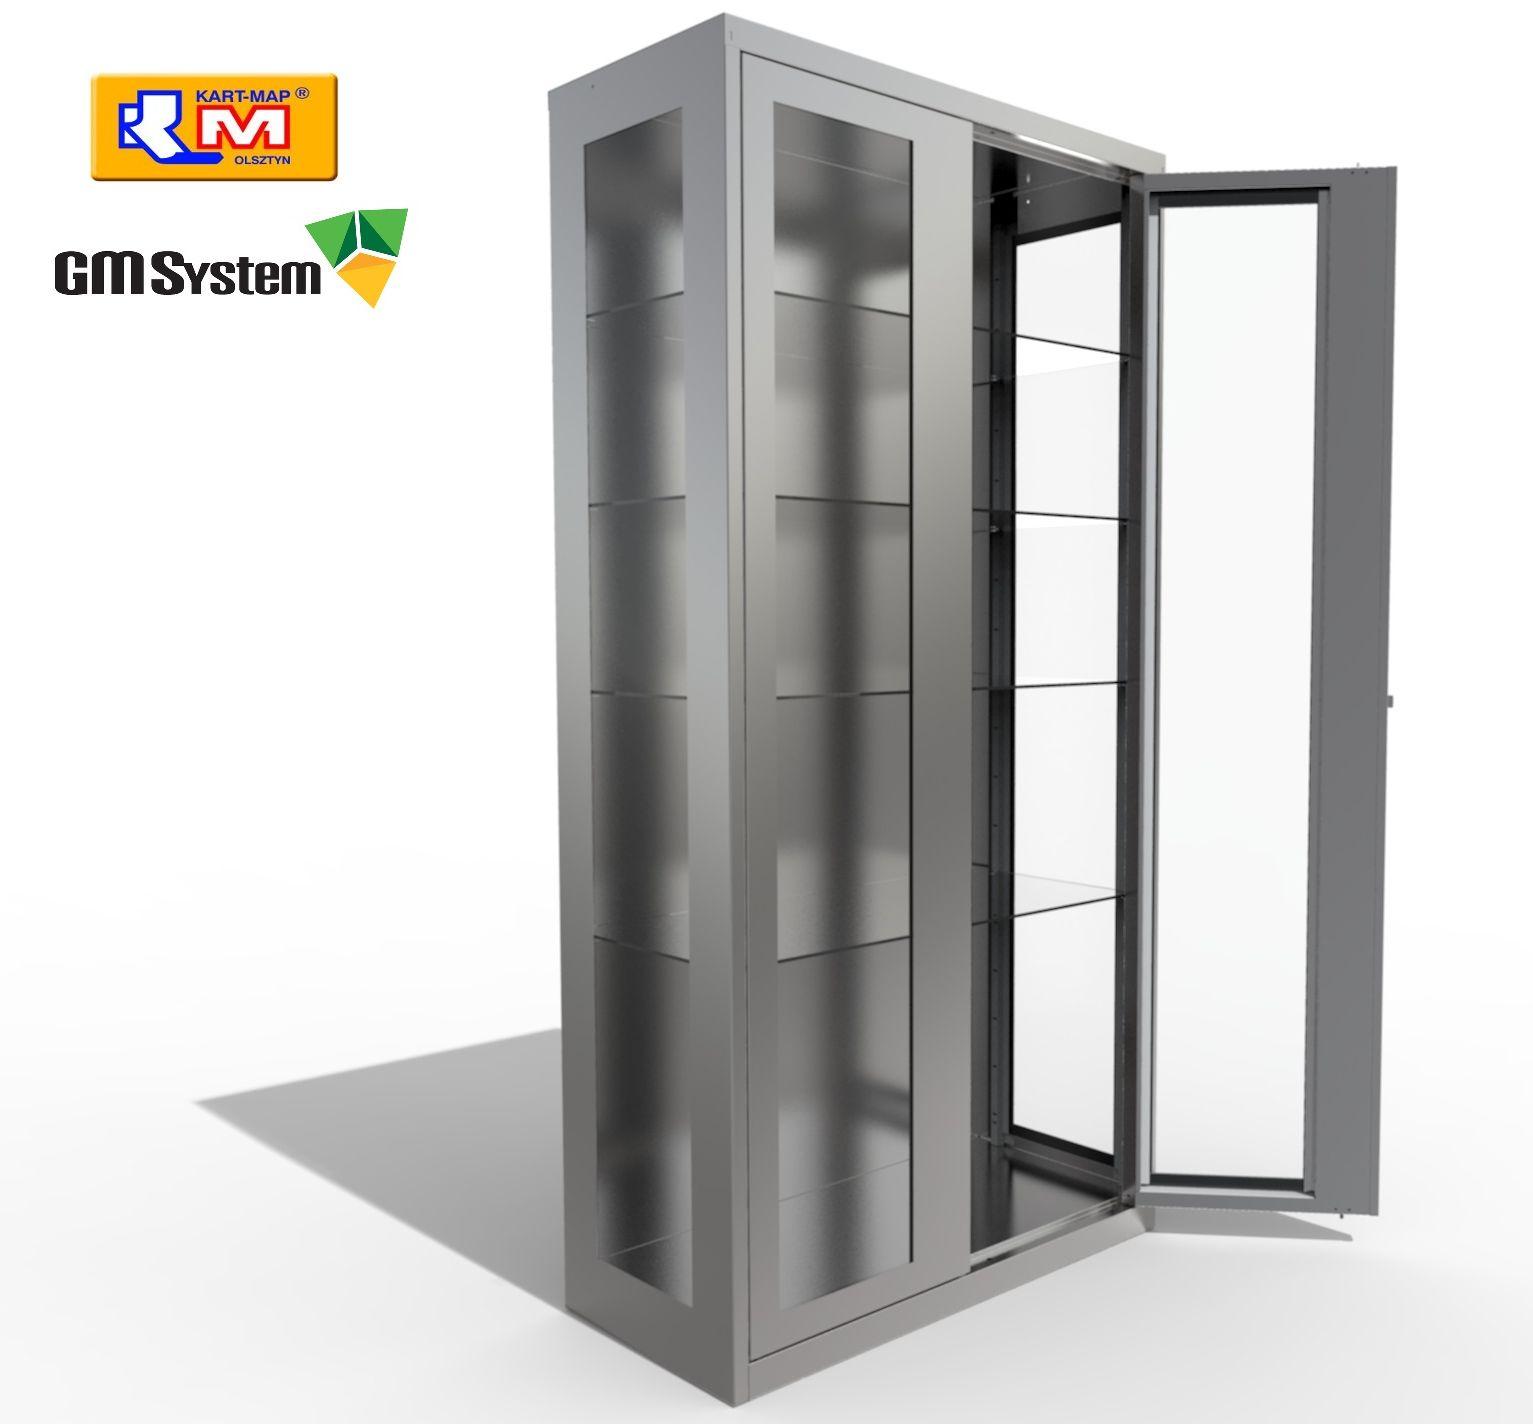 Wizualizacja szafy medycznej wykonana w KeyShot